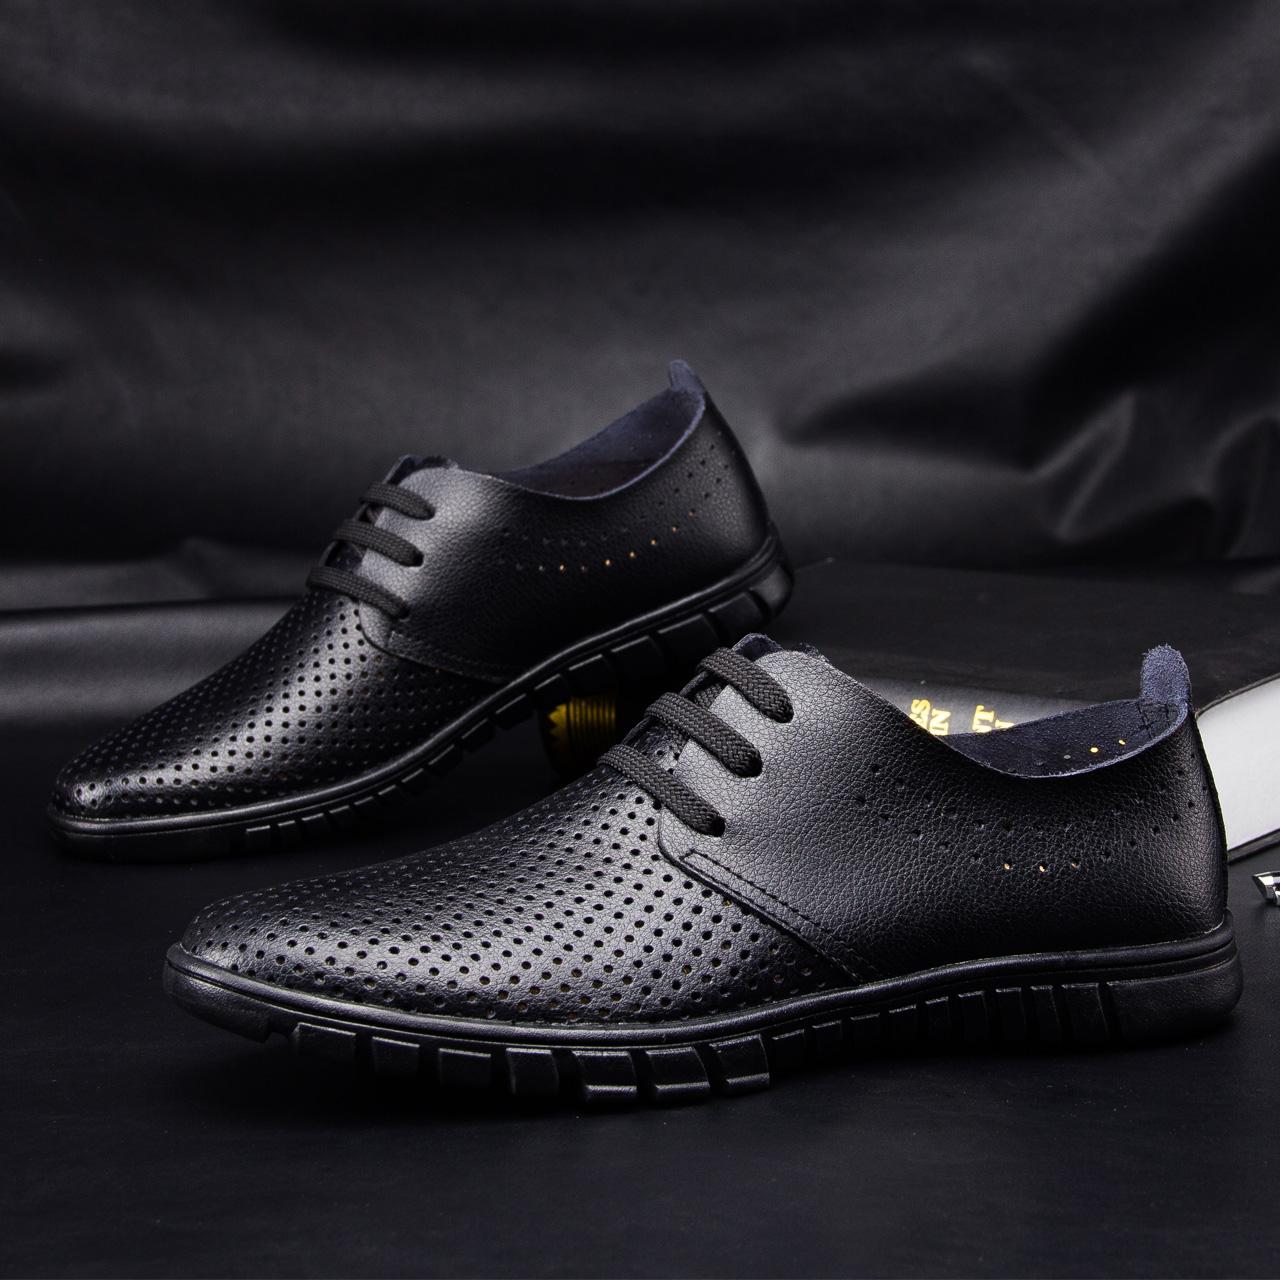 Giày nam mới, giày nam đế thấp, thời trang giày đế mềm, đế mềm, giày nam - Giày thấp